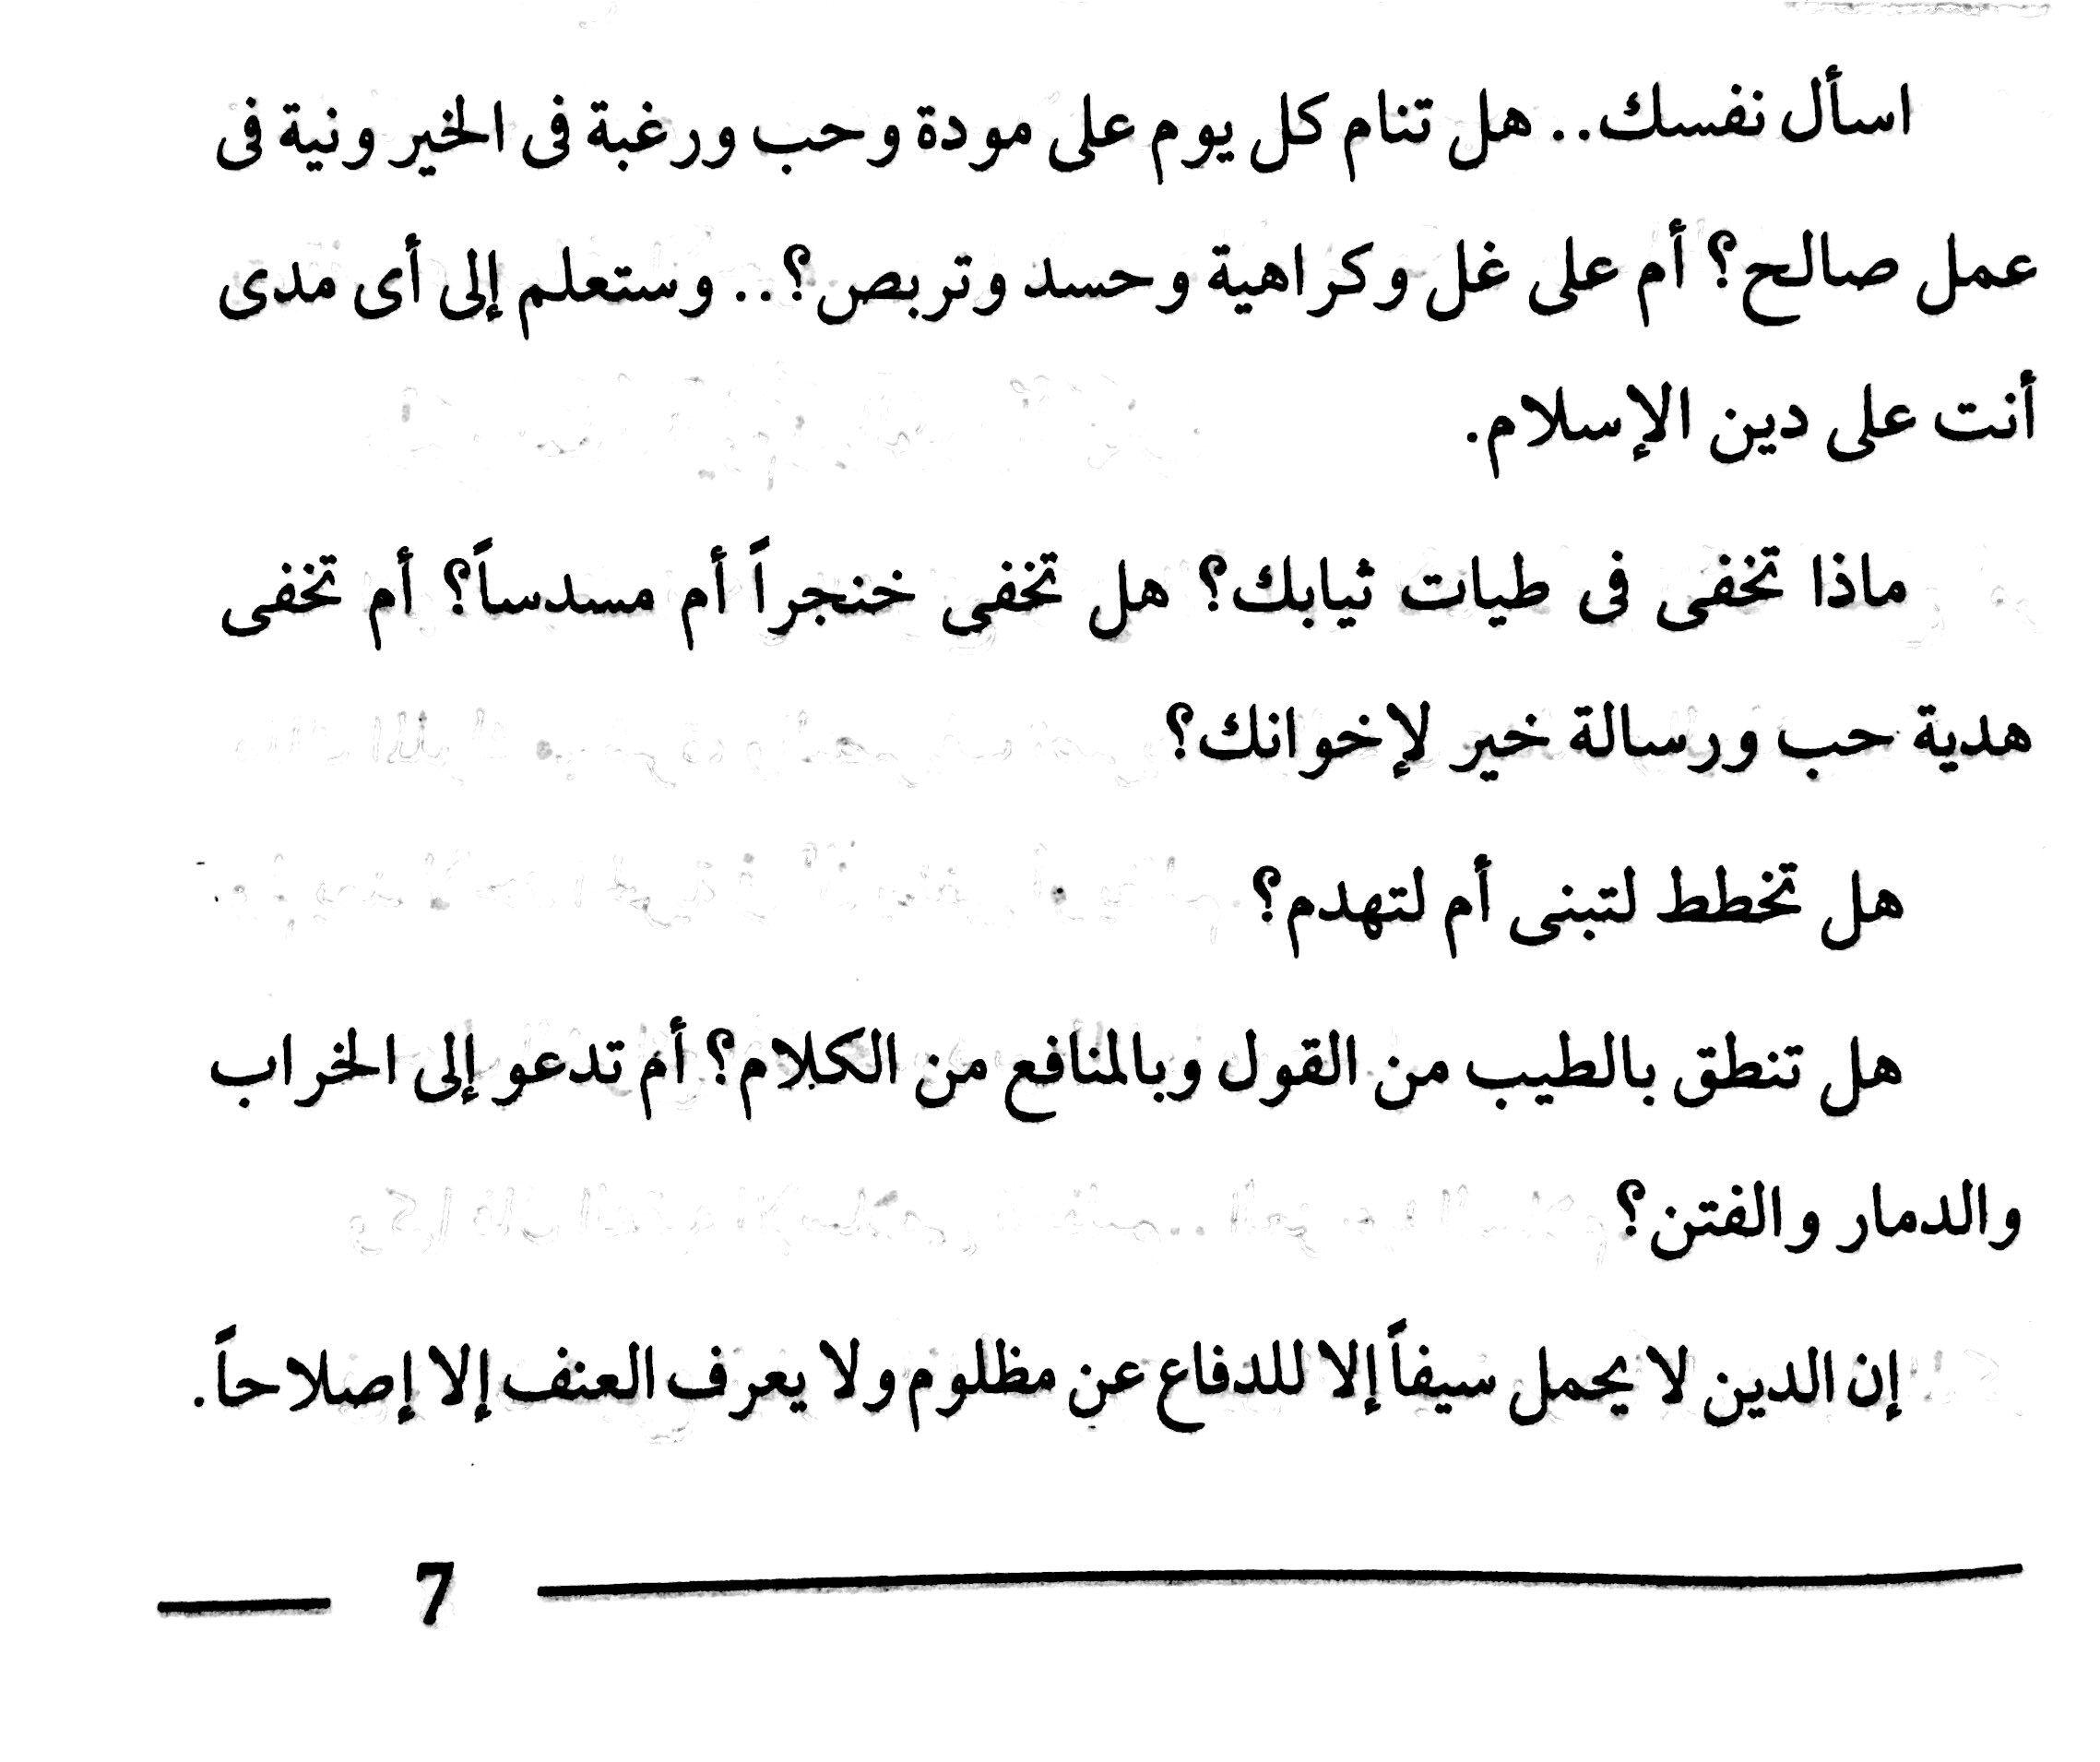 من كتاب سواح في دنيا الله للكاتب المصري مصطفى محمود Quotes Math Math Equations